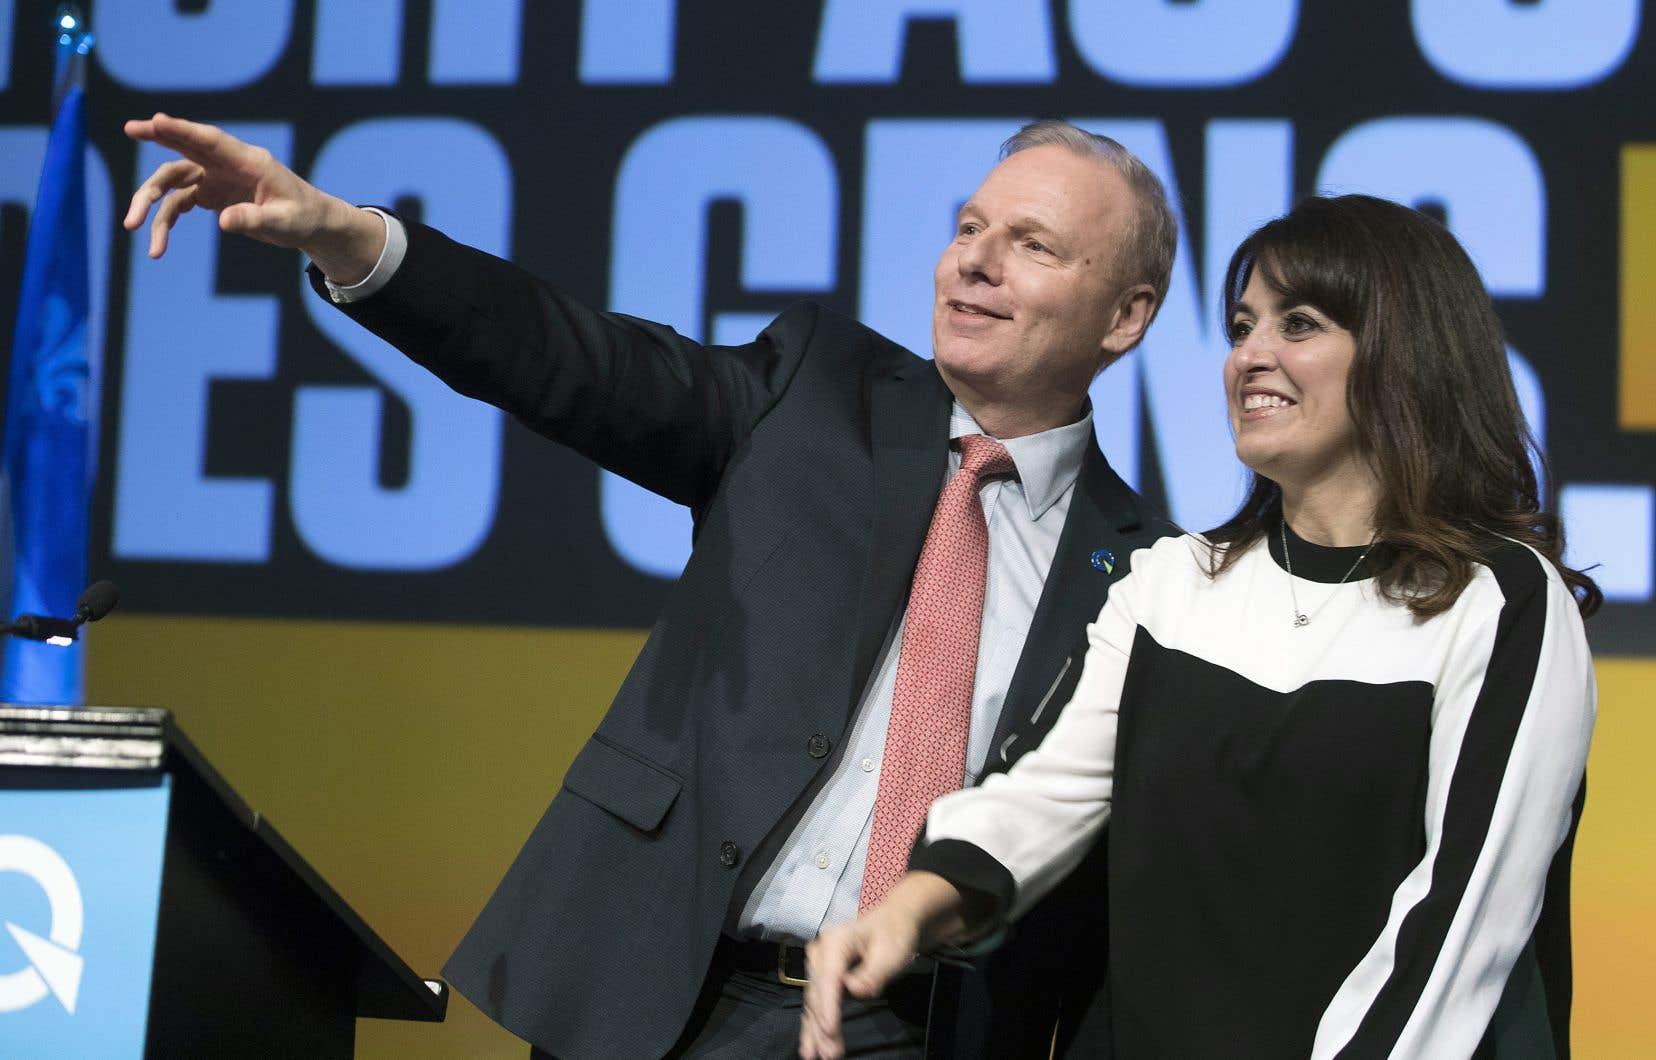 Le chef du Parti québécois, Jean-François Lisée, en compagnie de la nouvelle vice-chef, Véronique Hivon